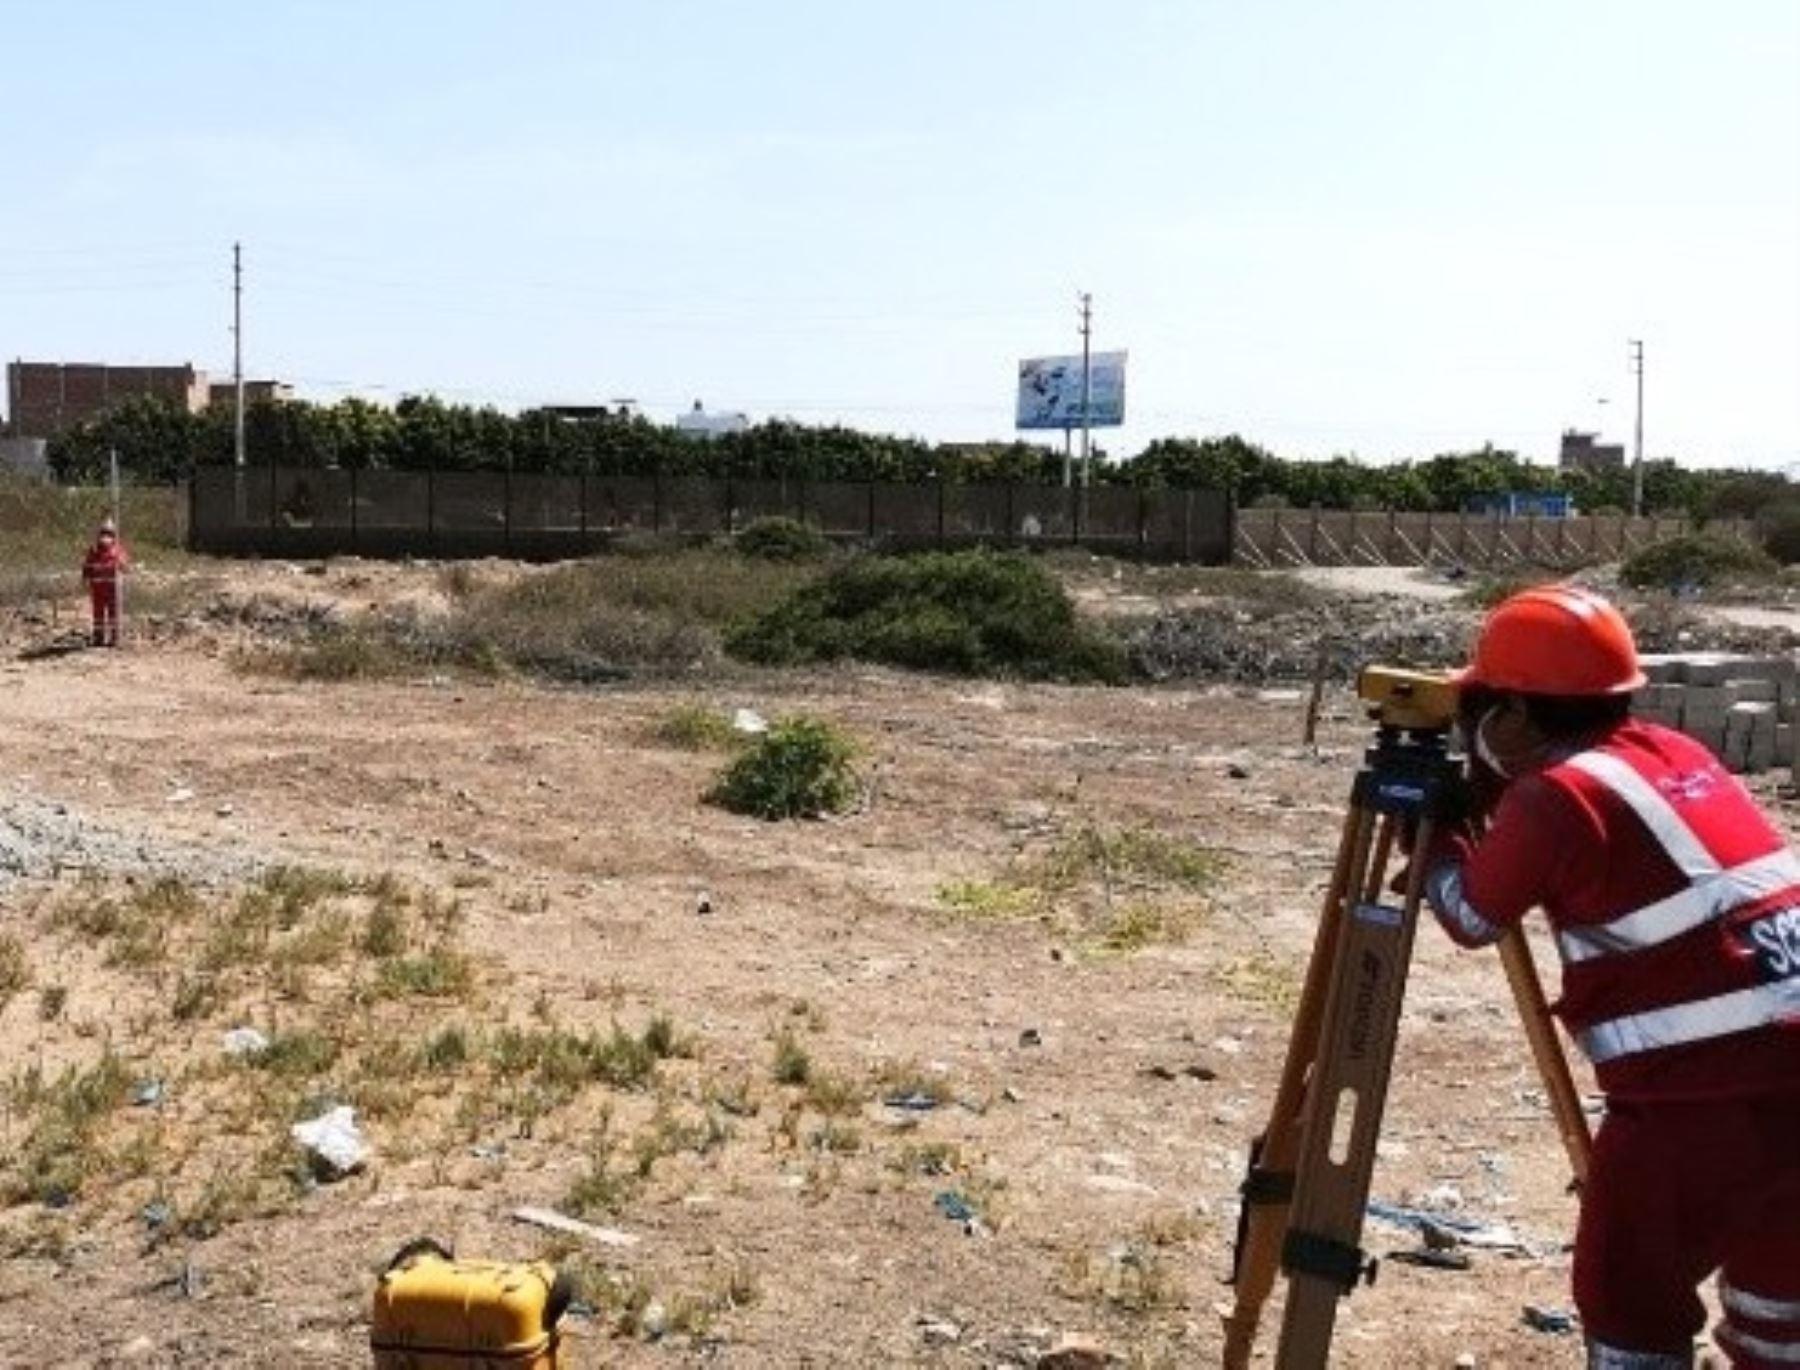 Se reiniciaron los trabajos de mejoramiento de la pista de aterrizaje del aeropuerto de Chiclayo, en Lambayeque, informó el MTC. ANDINA/Difusión